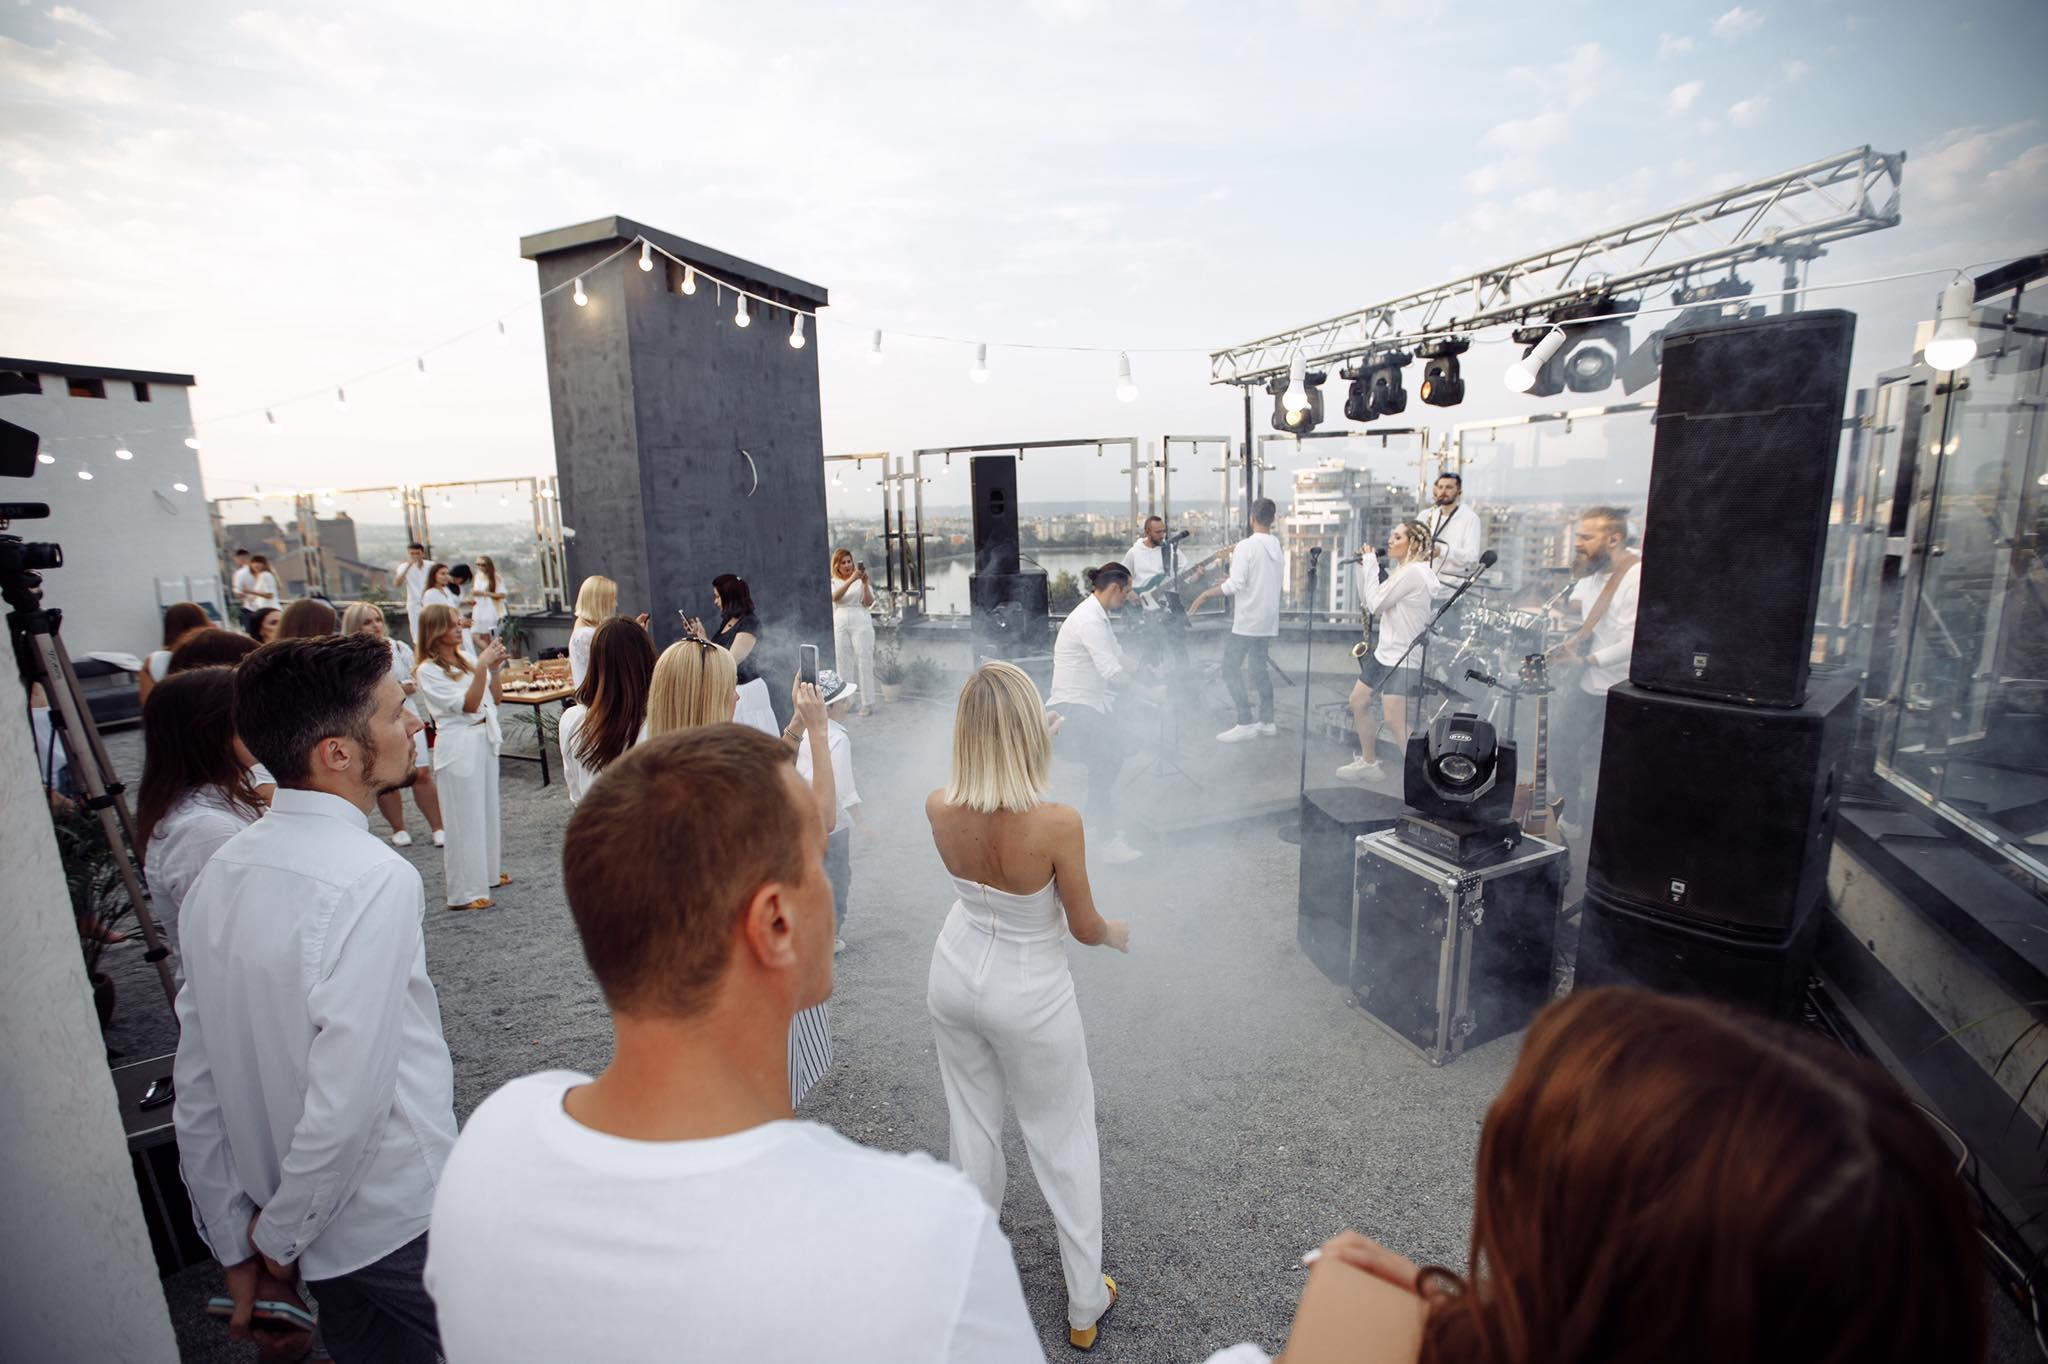 Драйвовий концерт на даху 12 поверху: вперше у Франківську (ФОТО)